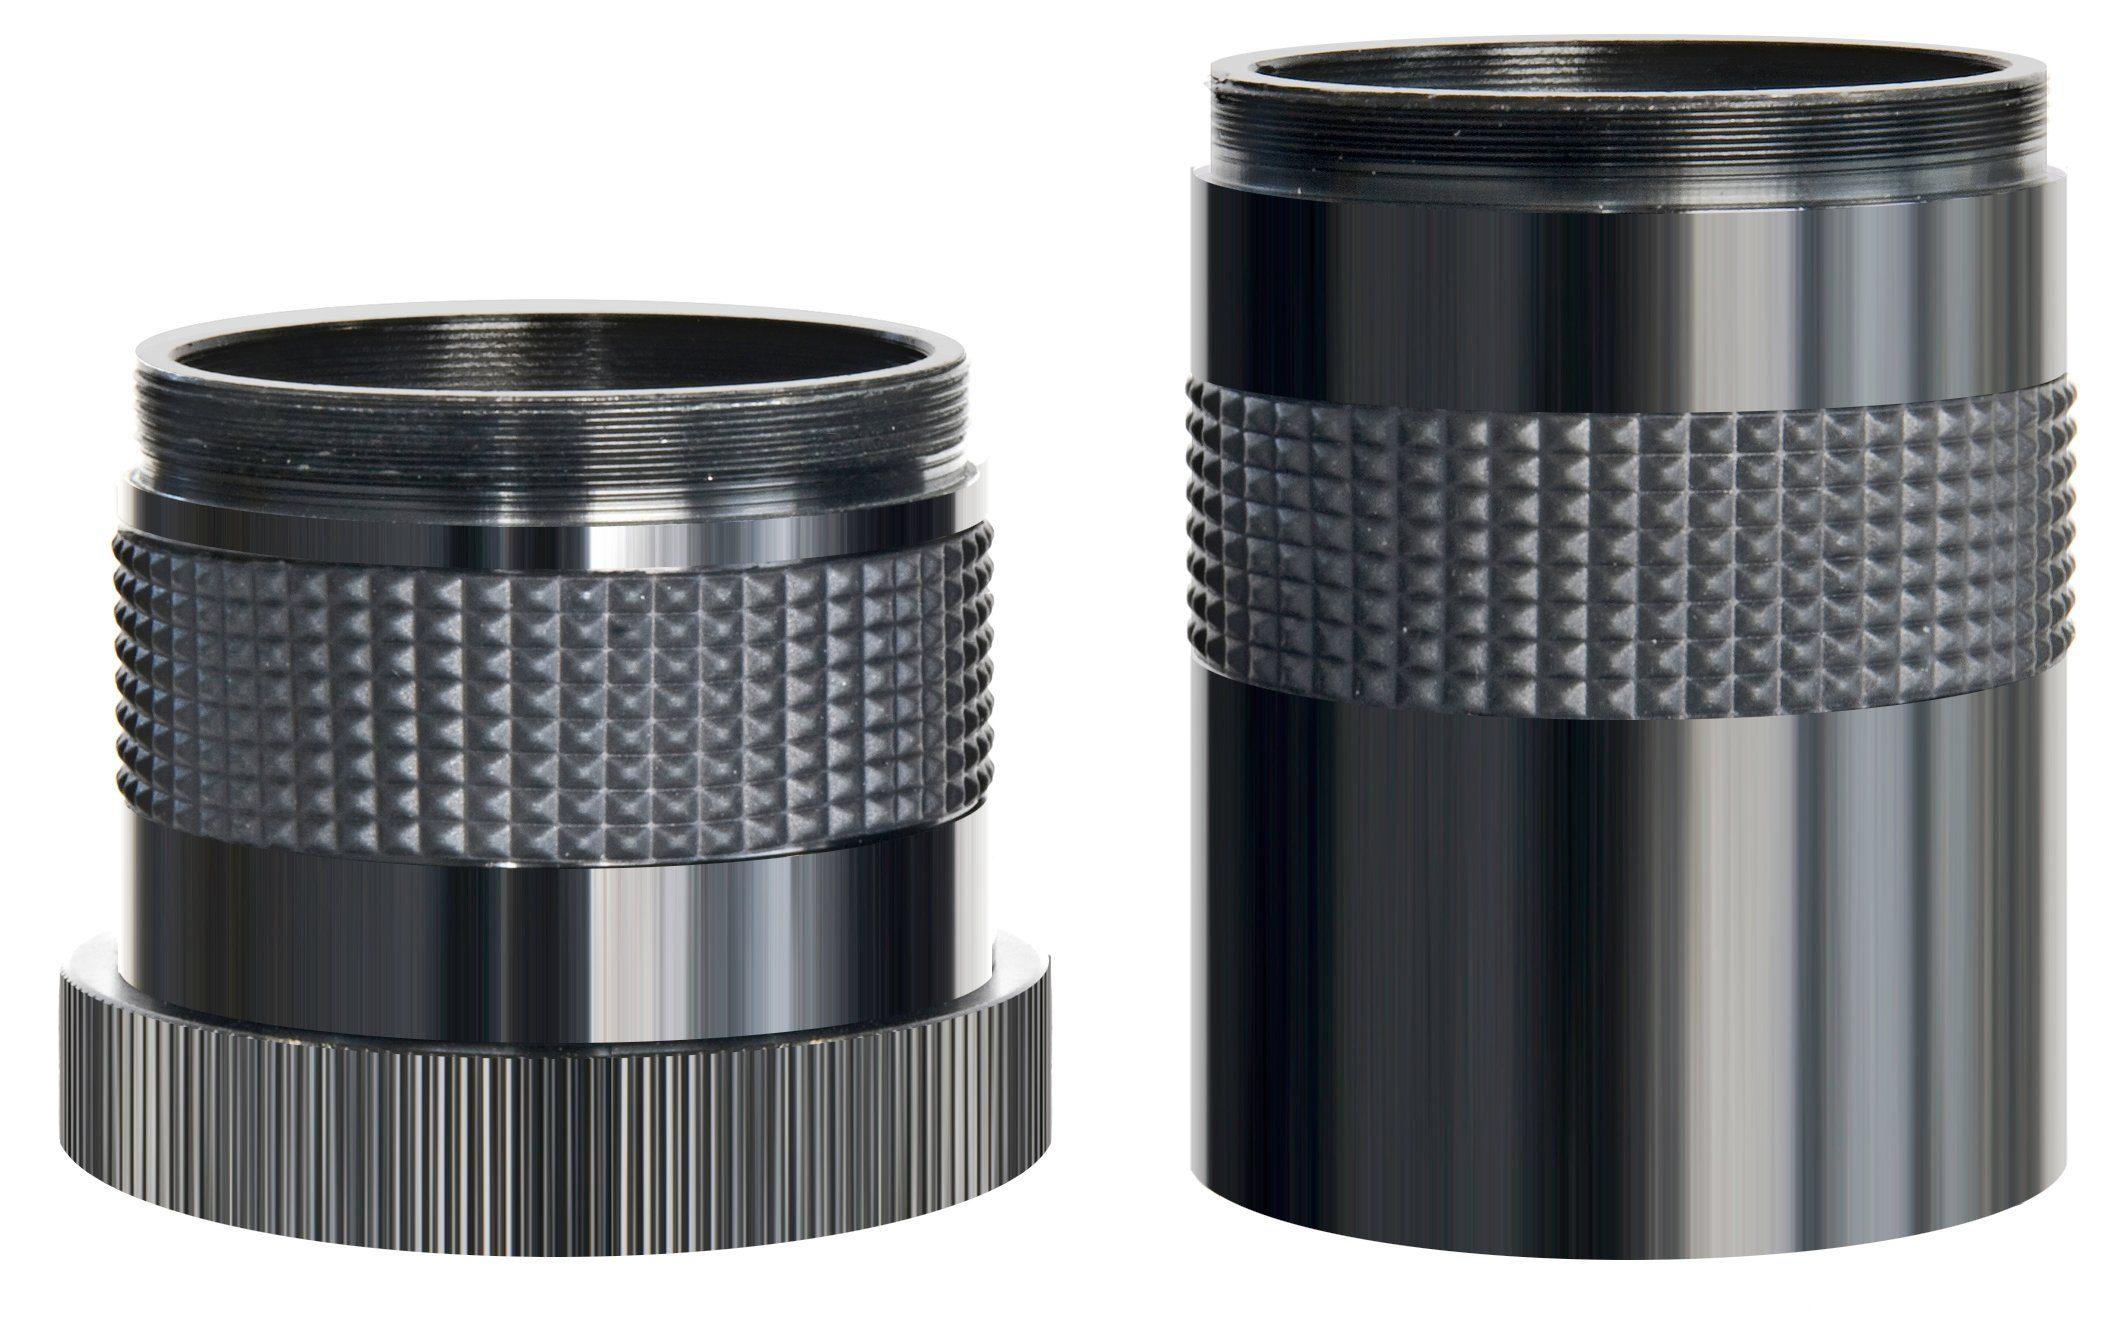 BRESSER Kamera Adapter »BRESSER Camera-Adapter M35/T2 für MC-100«